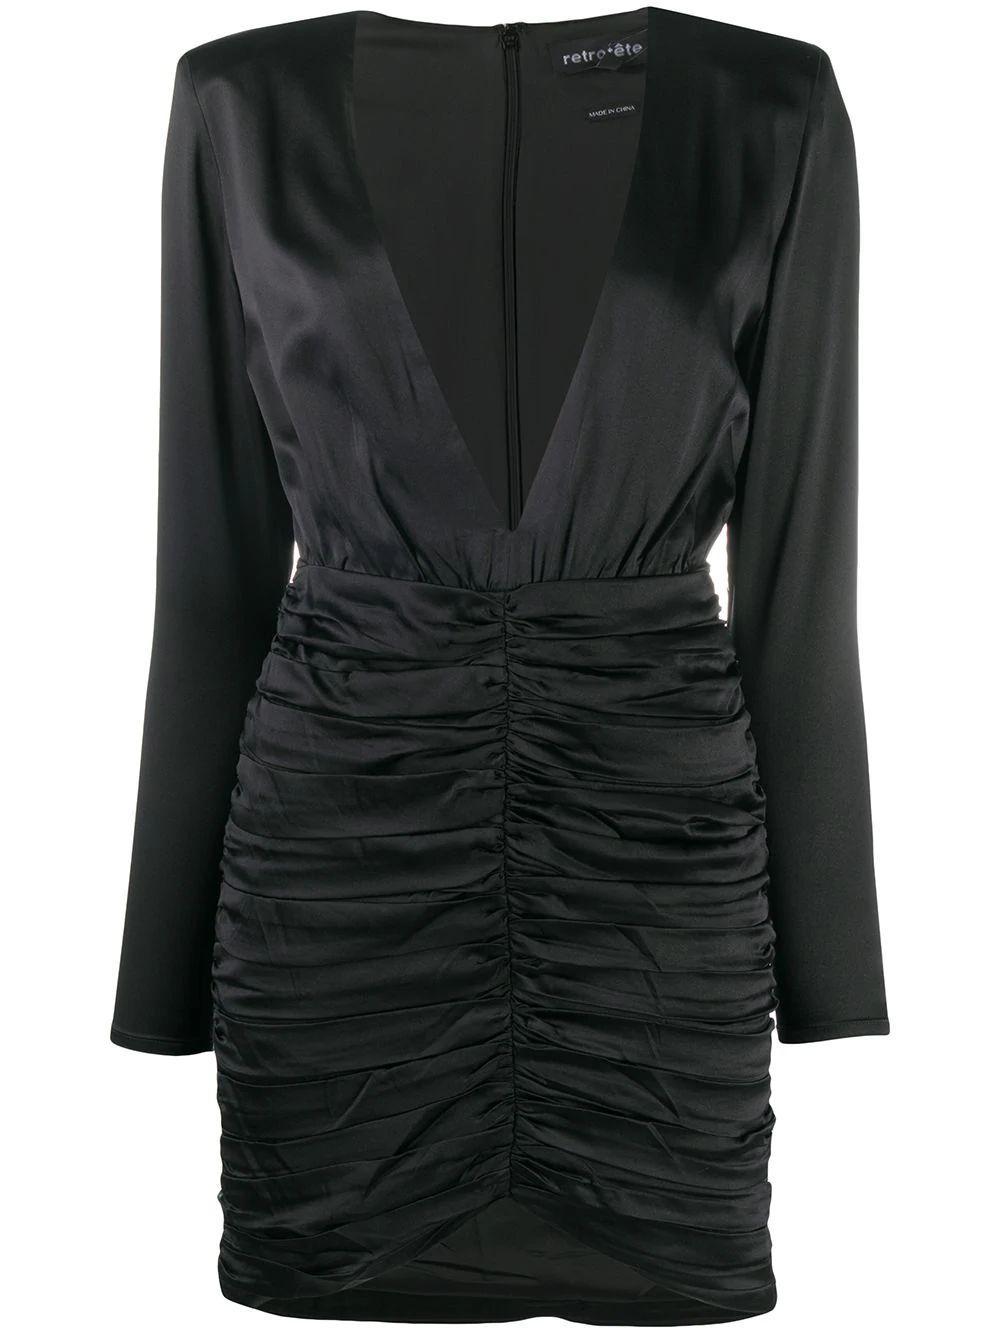 Brea Ruched Mini Dress Item # PF20-2858